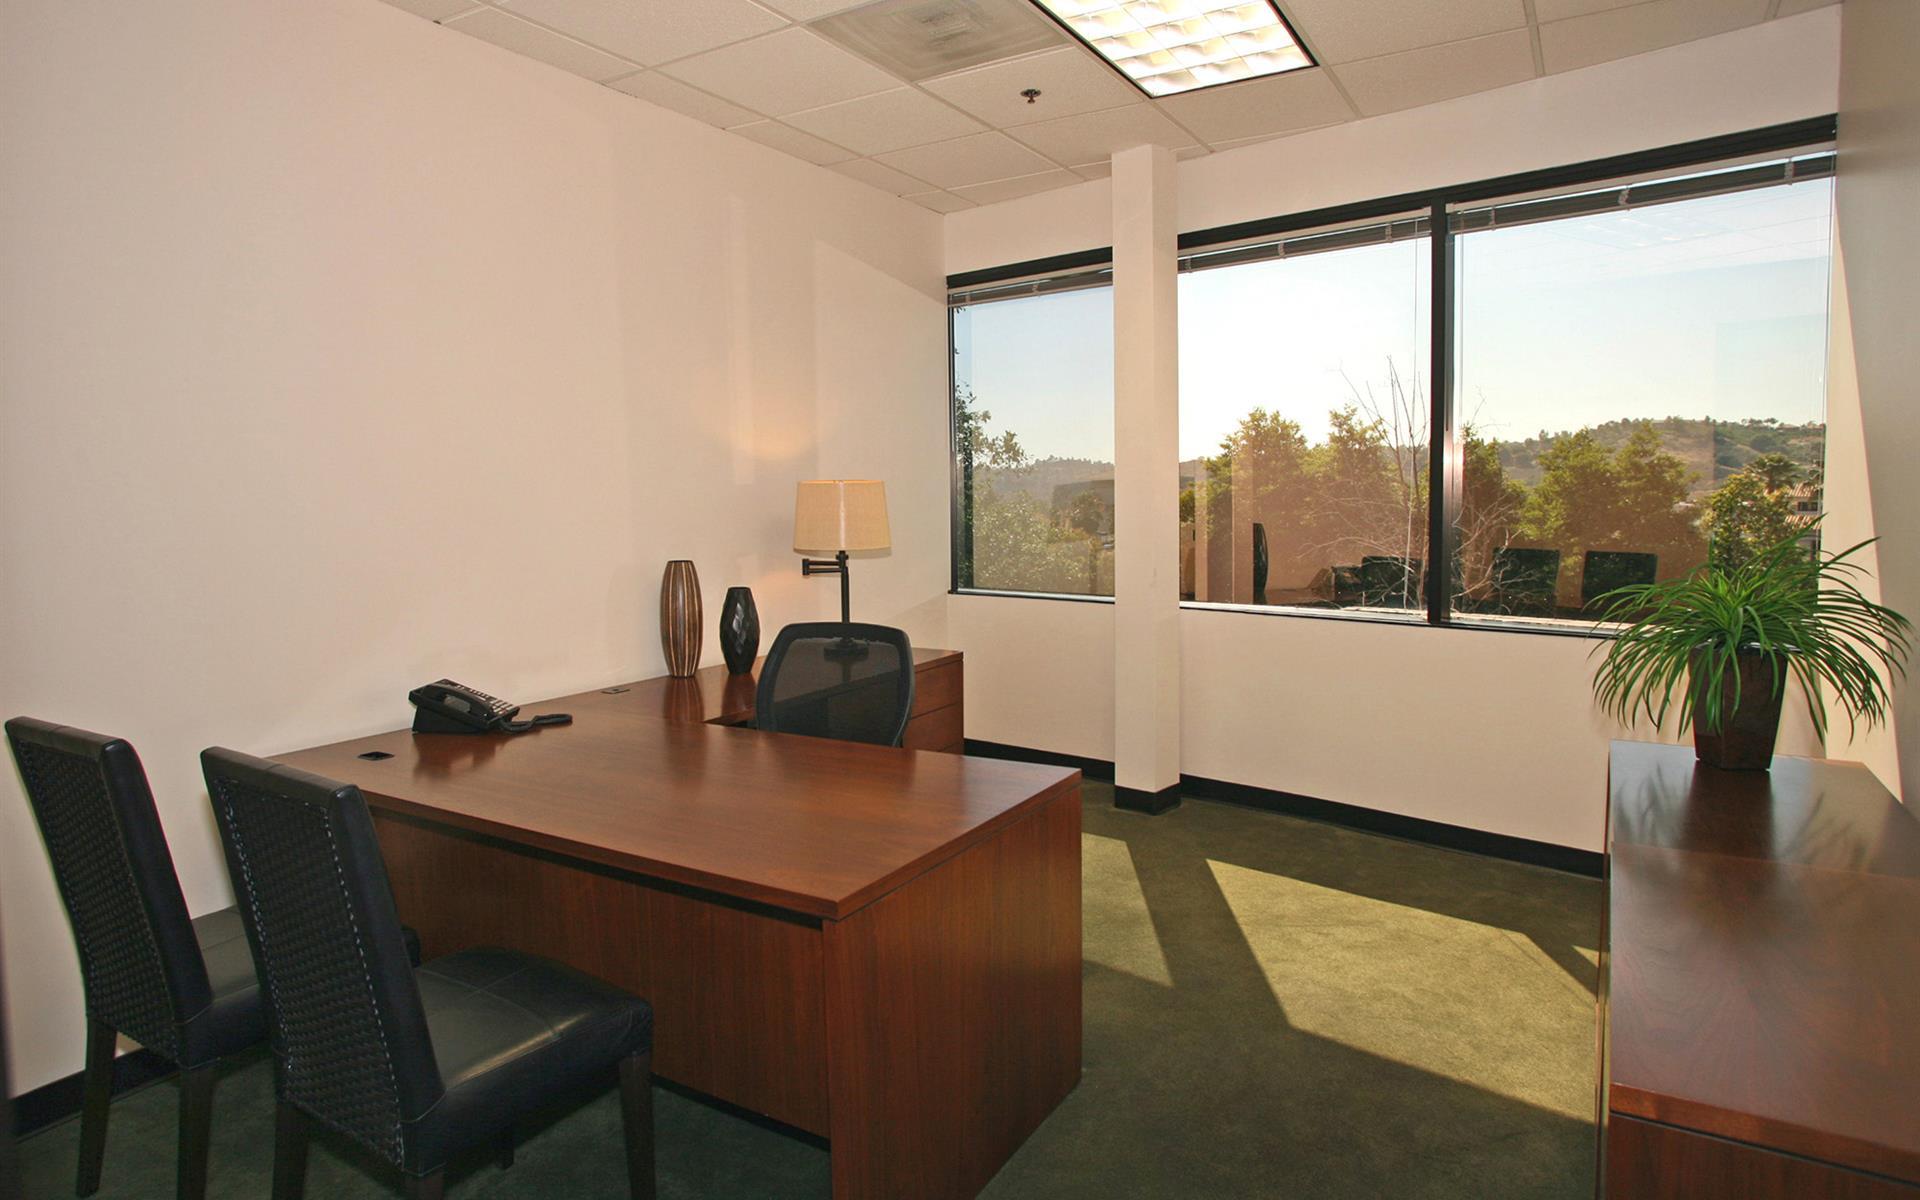 (RSM) Rancho Santa Margarita - Exterior Office